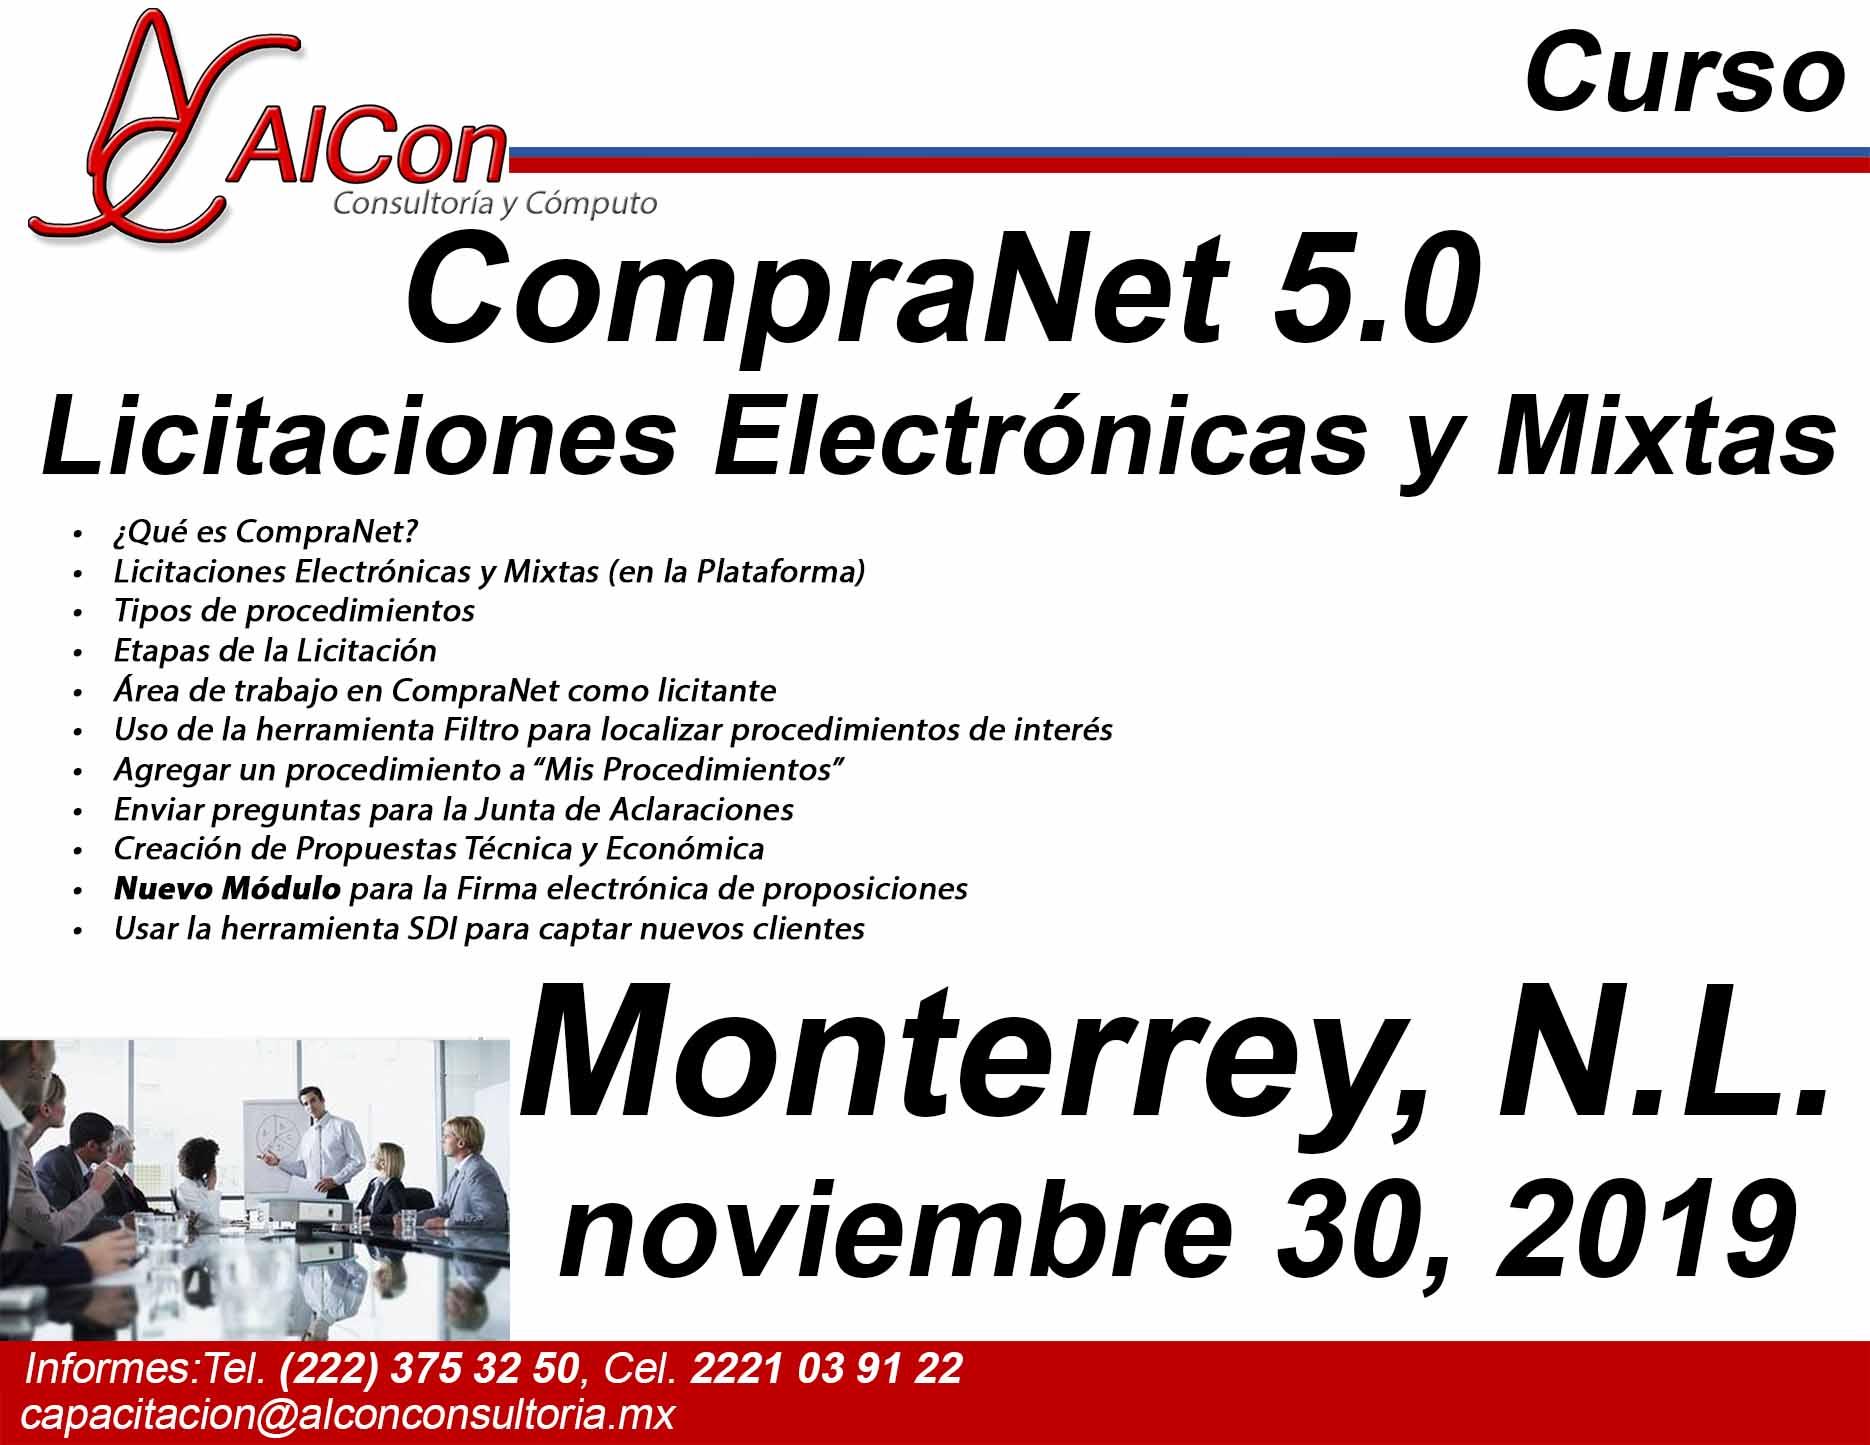 Curso de CompraNet 5.0, Monterrey, Nuevo León, AlCon Consultoría y Cómputo, AlCon Consulting And Commerce